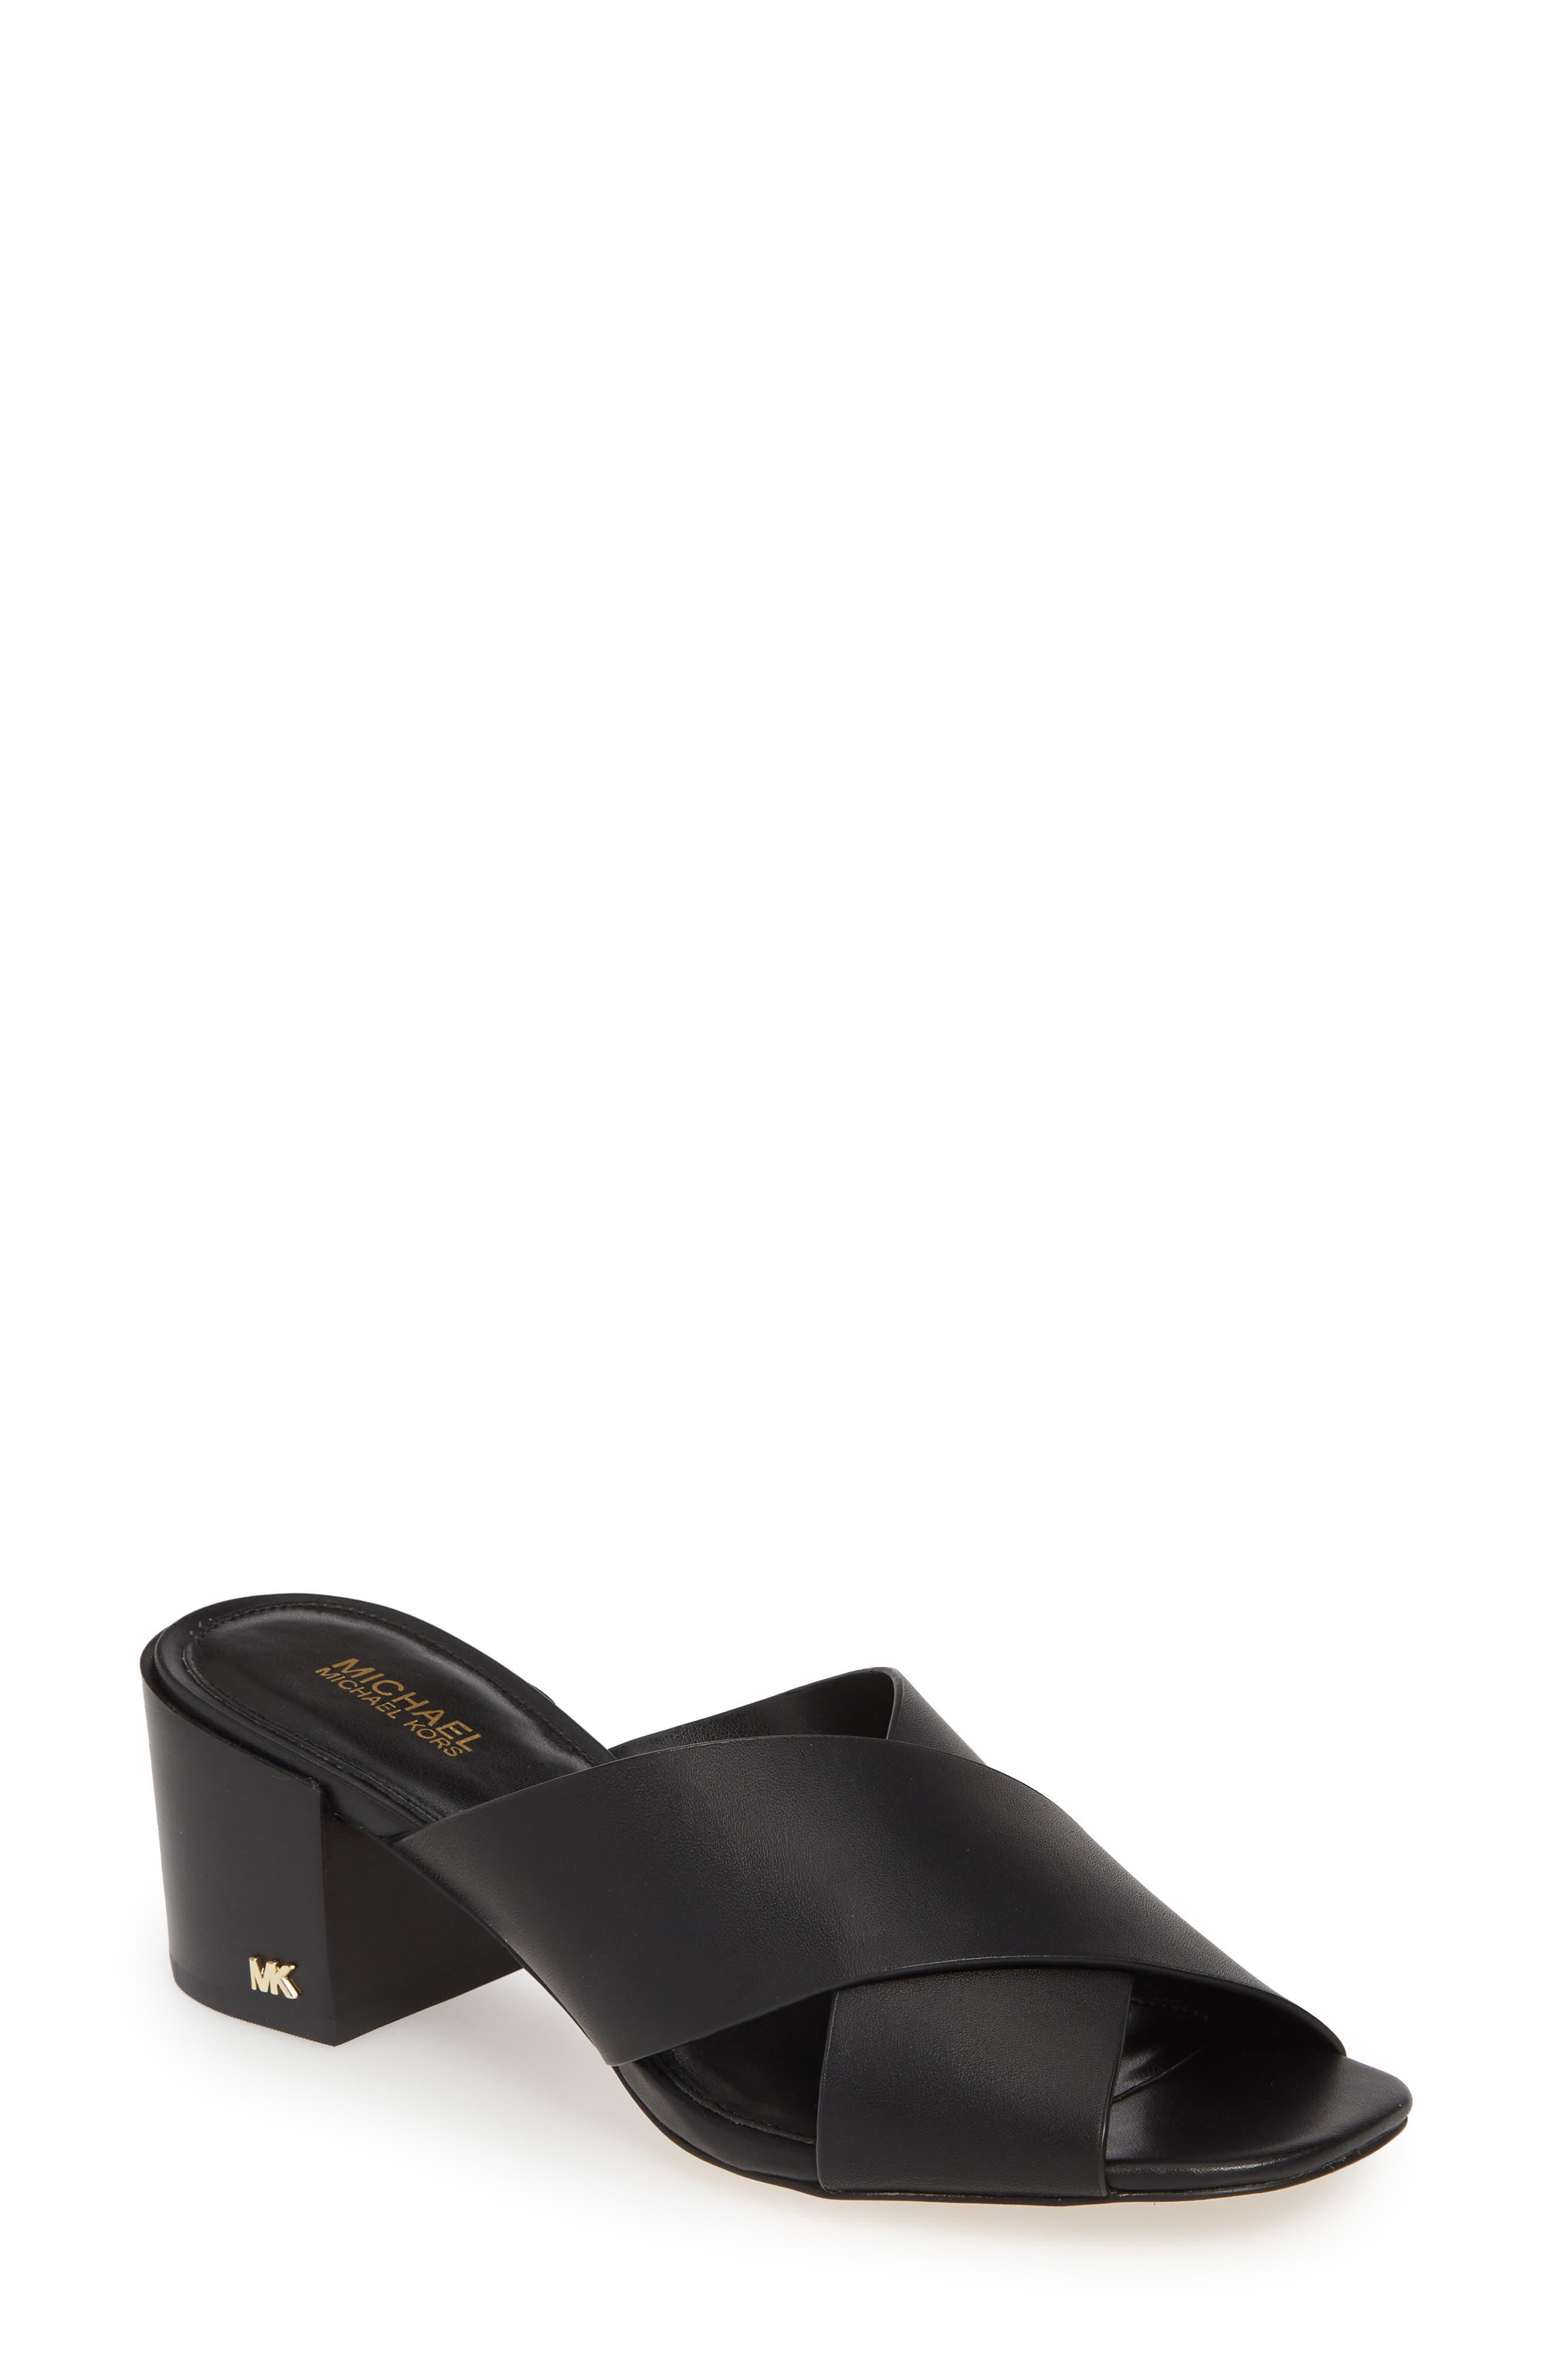 Michael Michael Kors Abbot Slide Sandal, Black